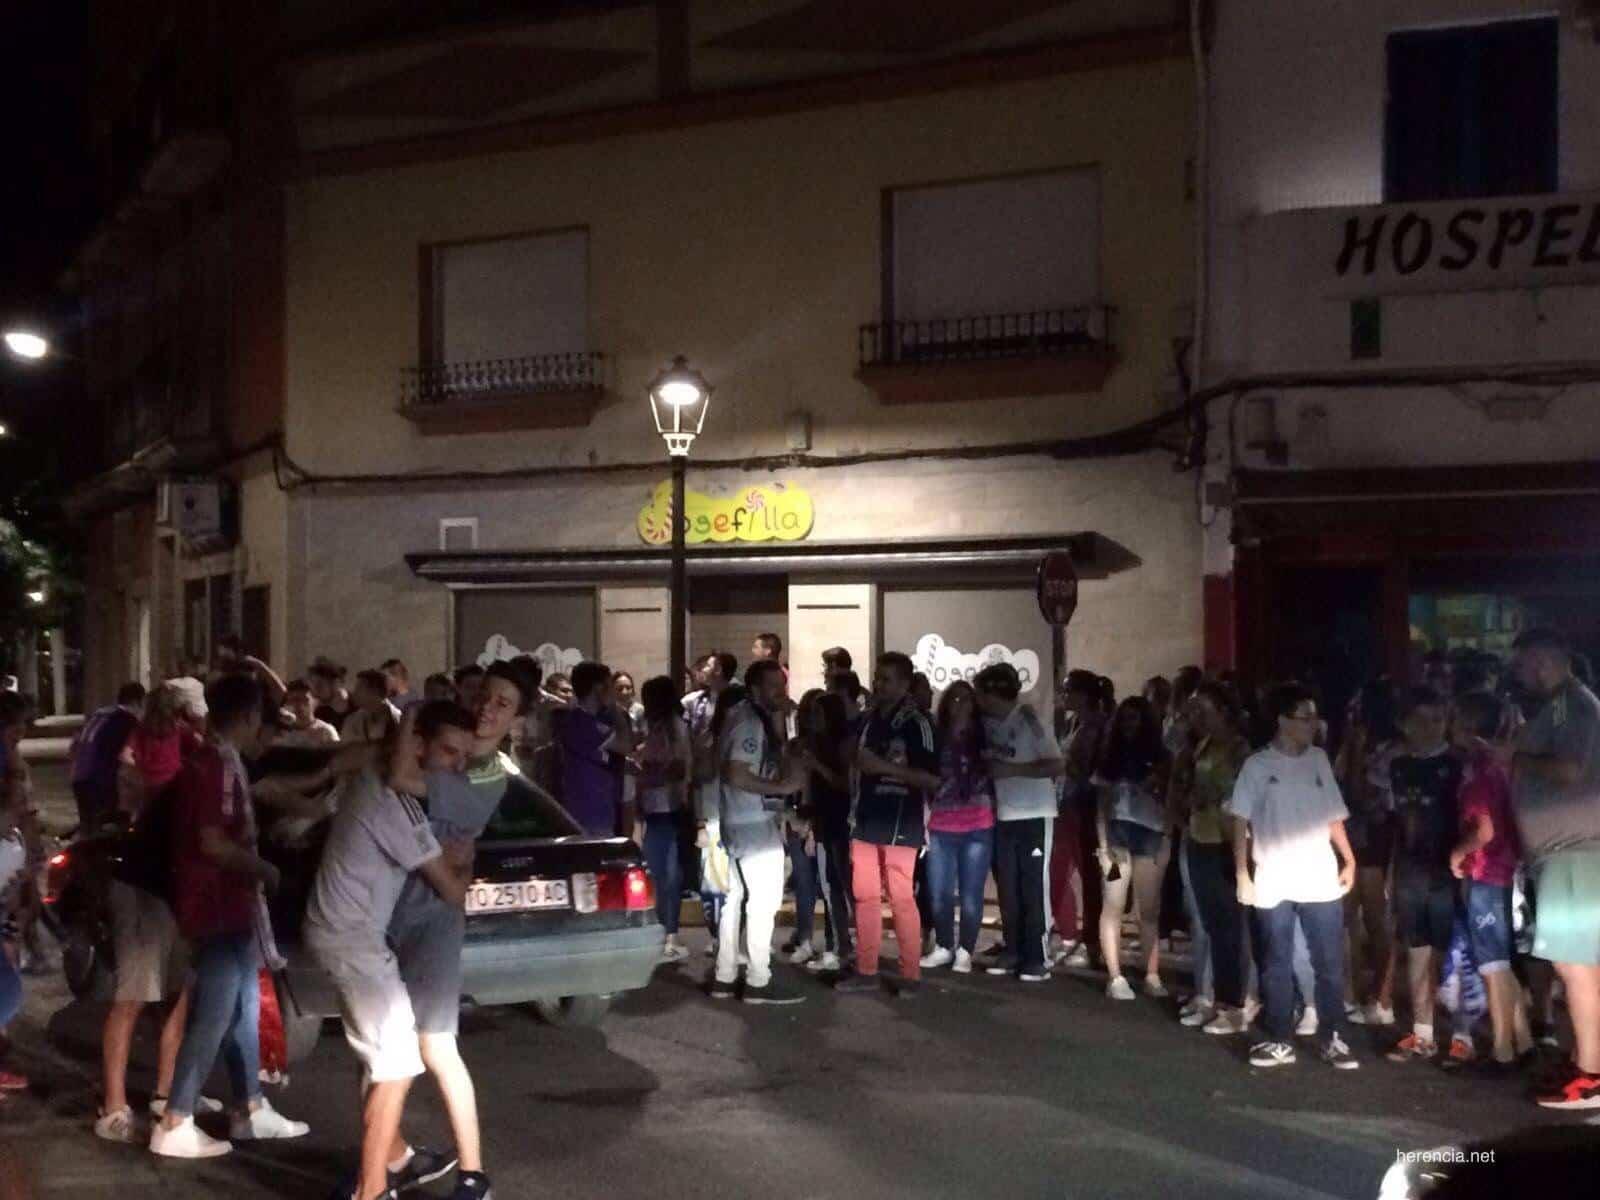 Herencia celebra la Duodécima Copa de Europa que gana el Real Madrid 21